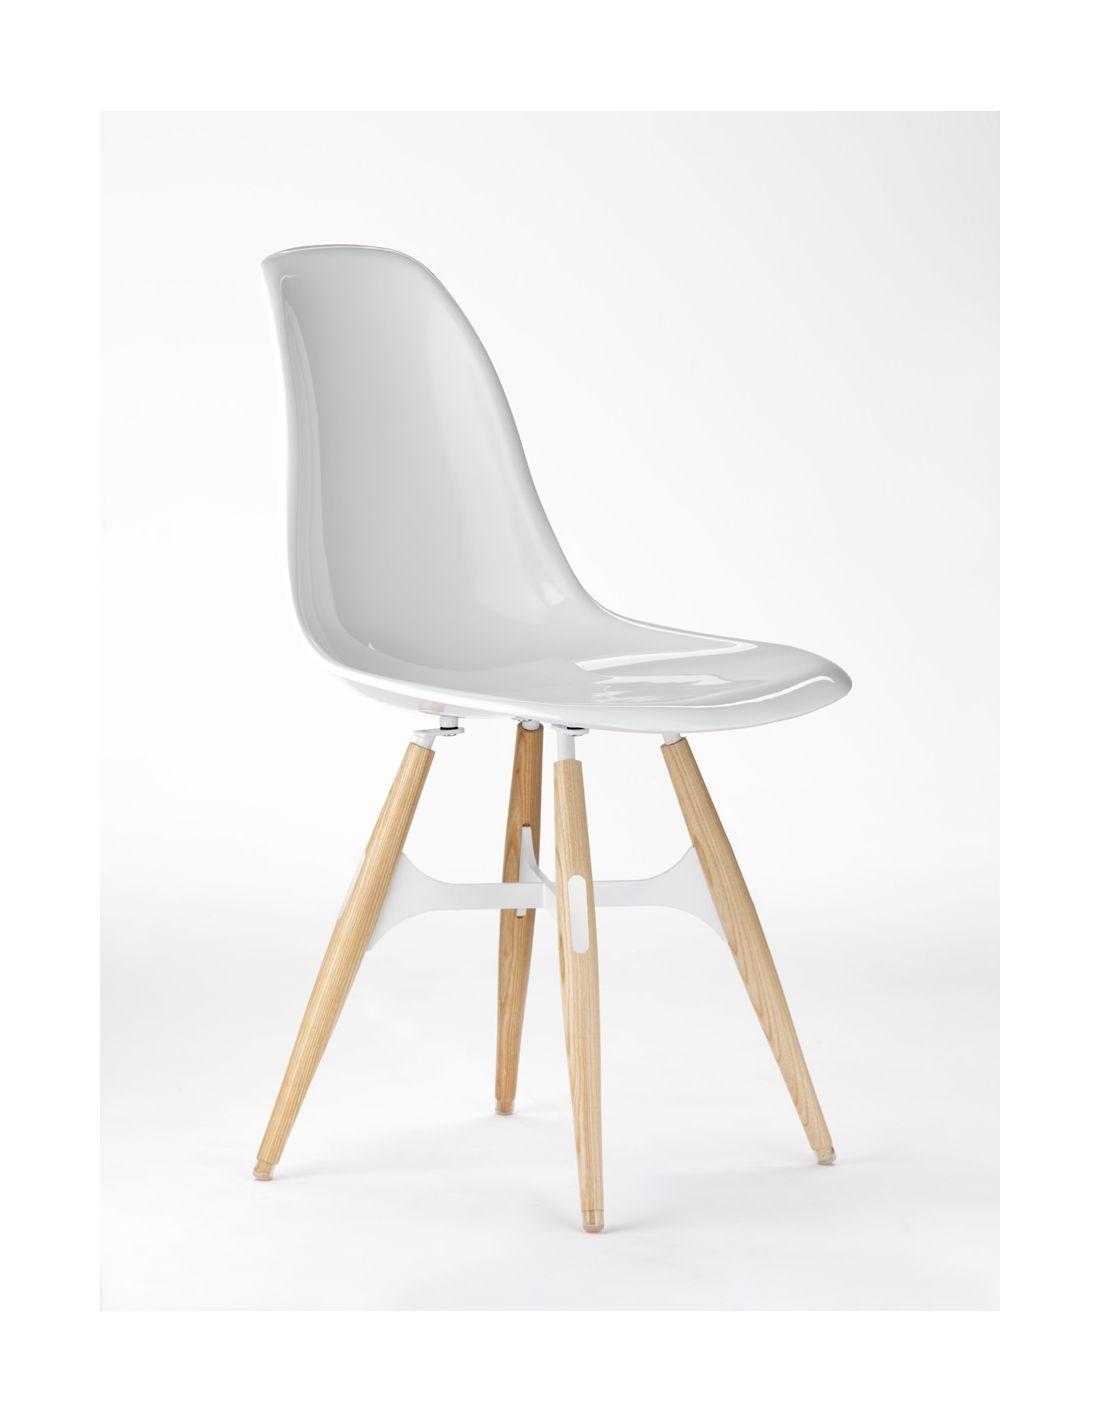 Zigzag sedia moderna da cucina in policarbonato gambe in for Sedia moderna design